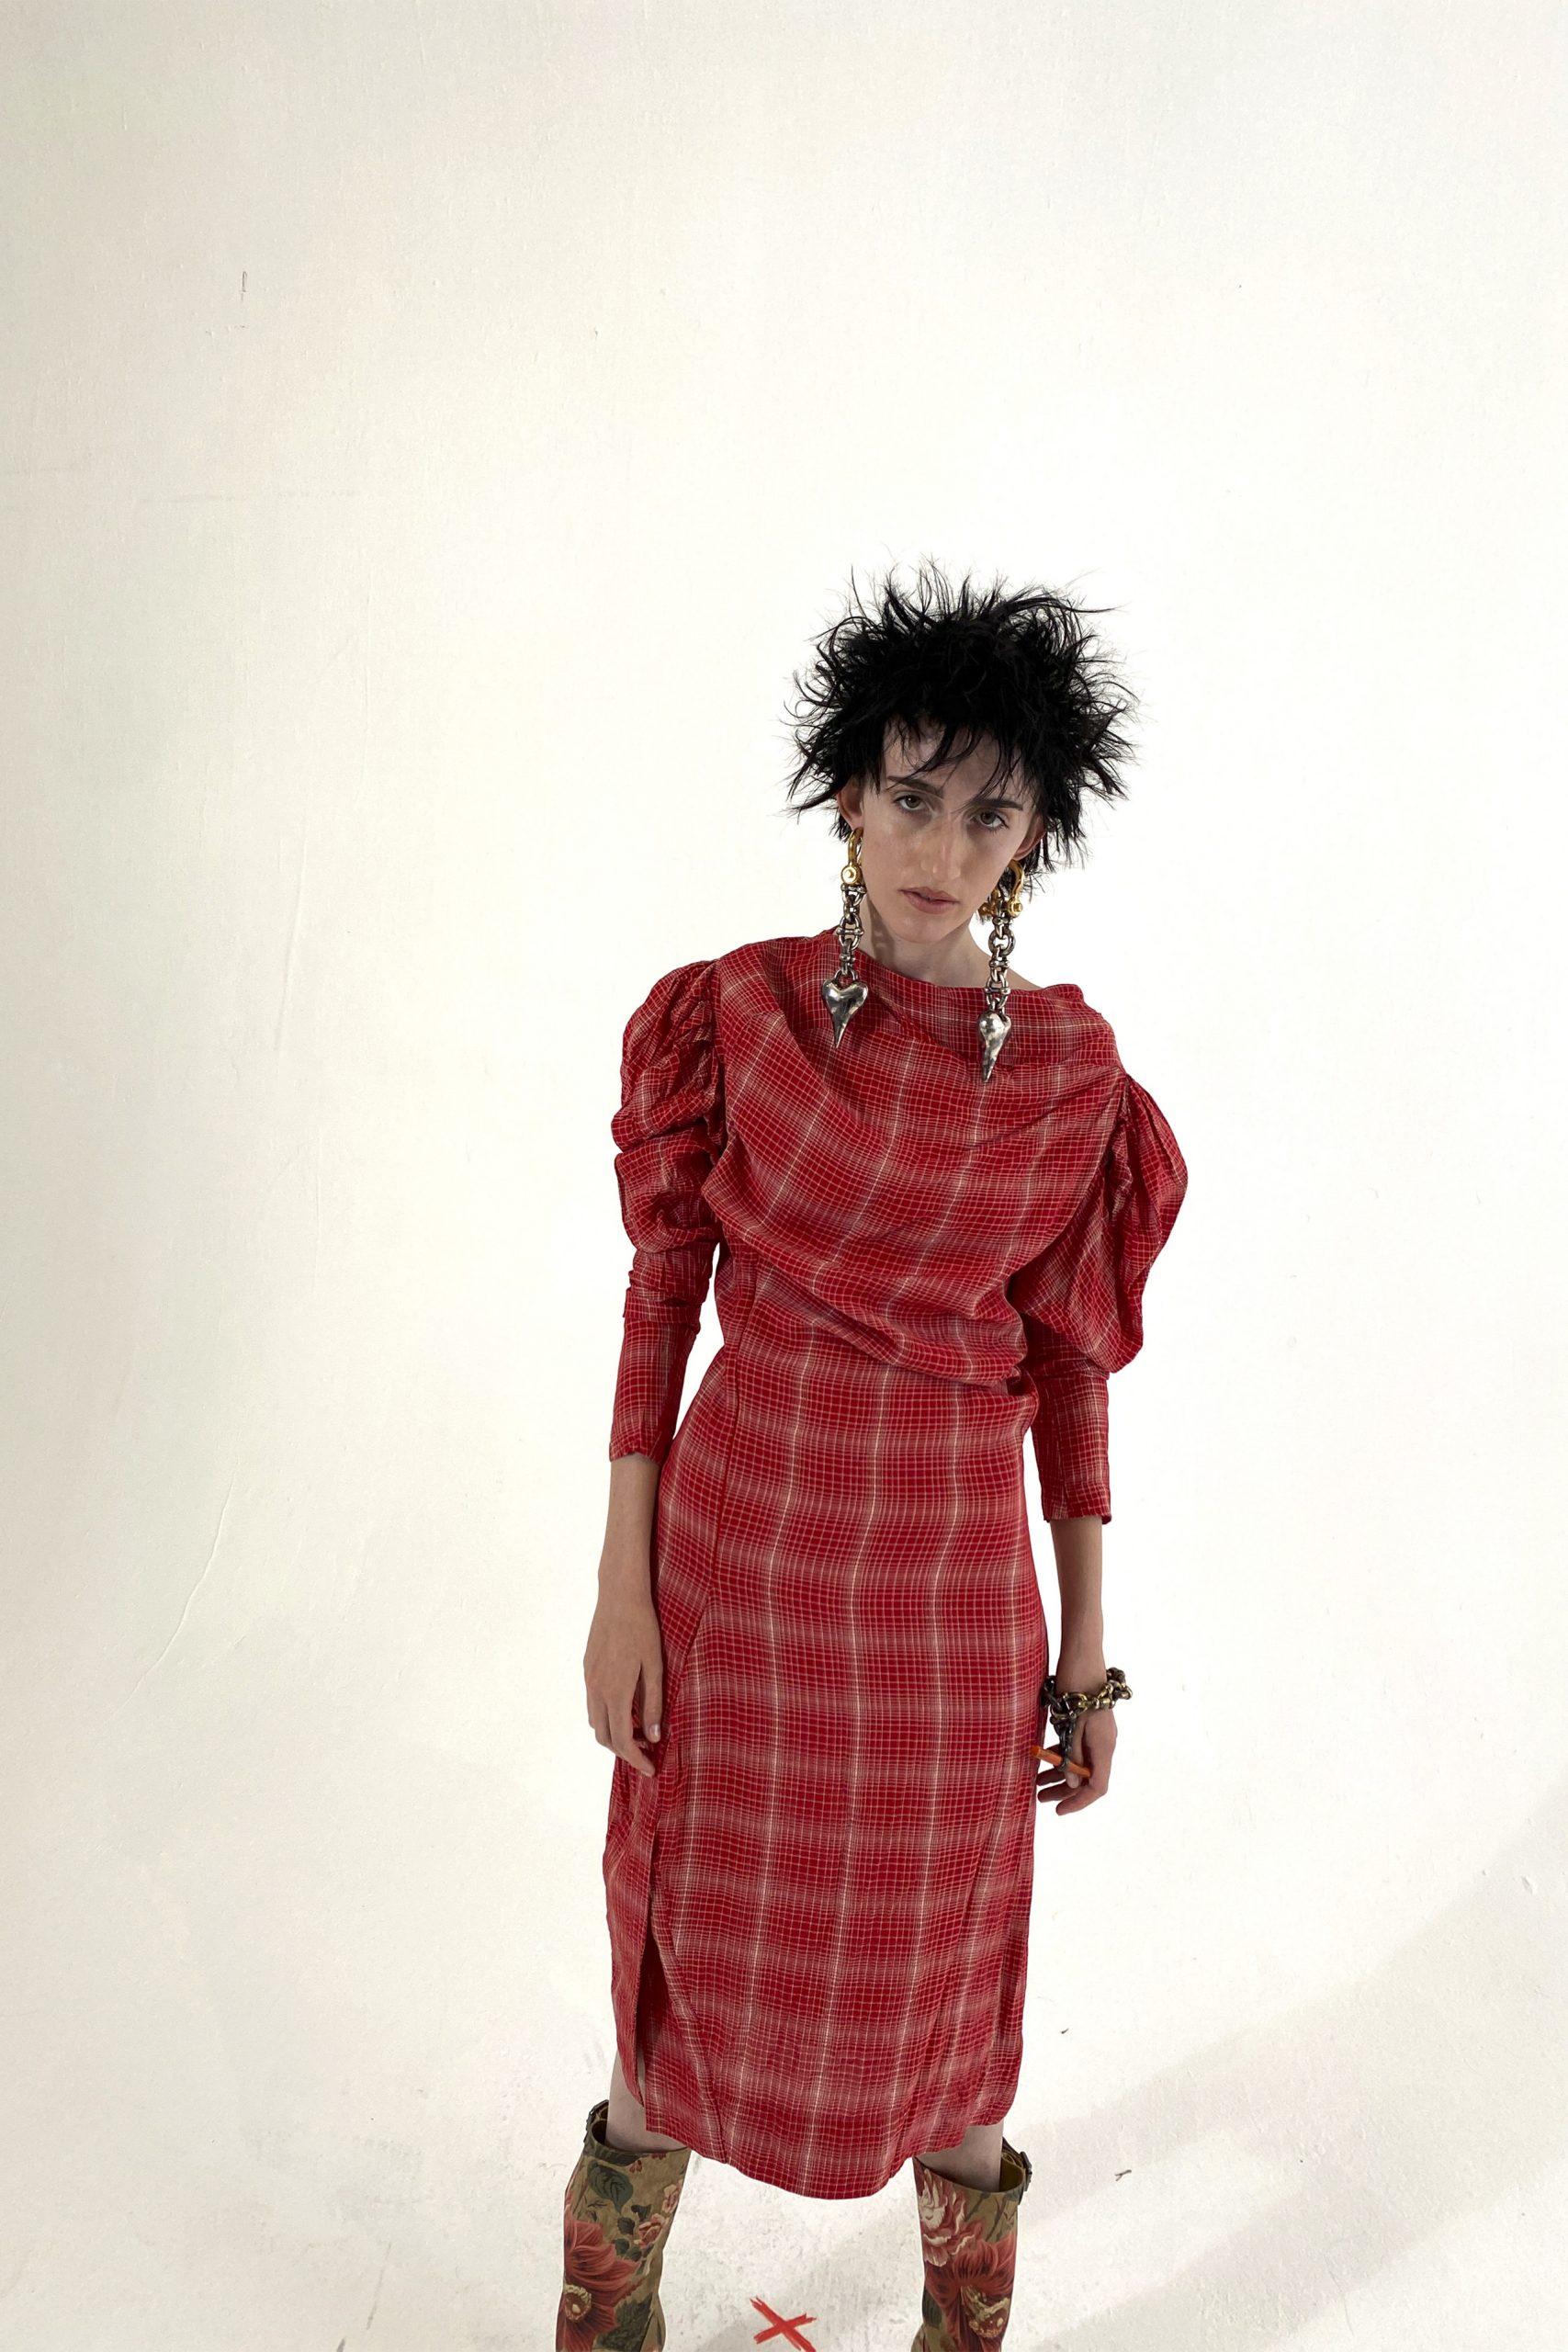 2. kép: Párizsi divathét - Andreas Kronthaler for Vivienne Westwood - 2021 tavasz-nyár - ready to wear